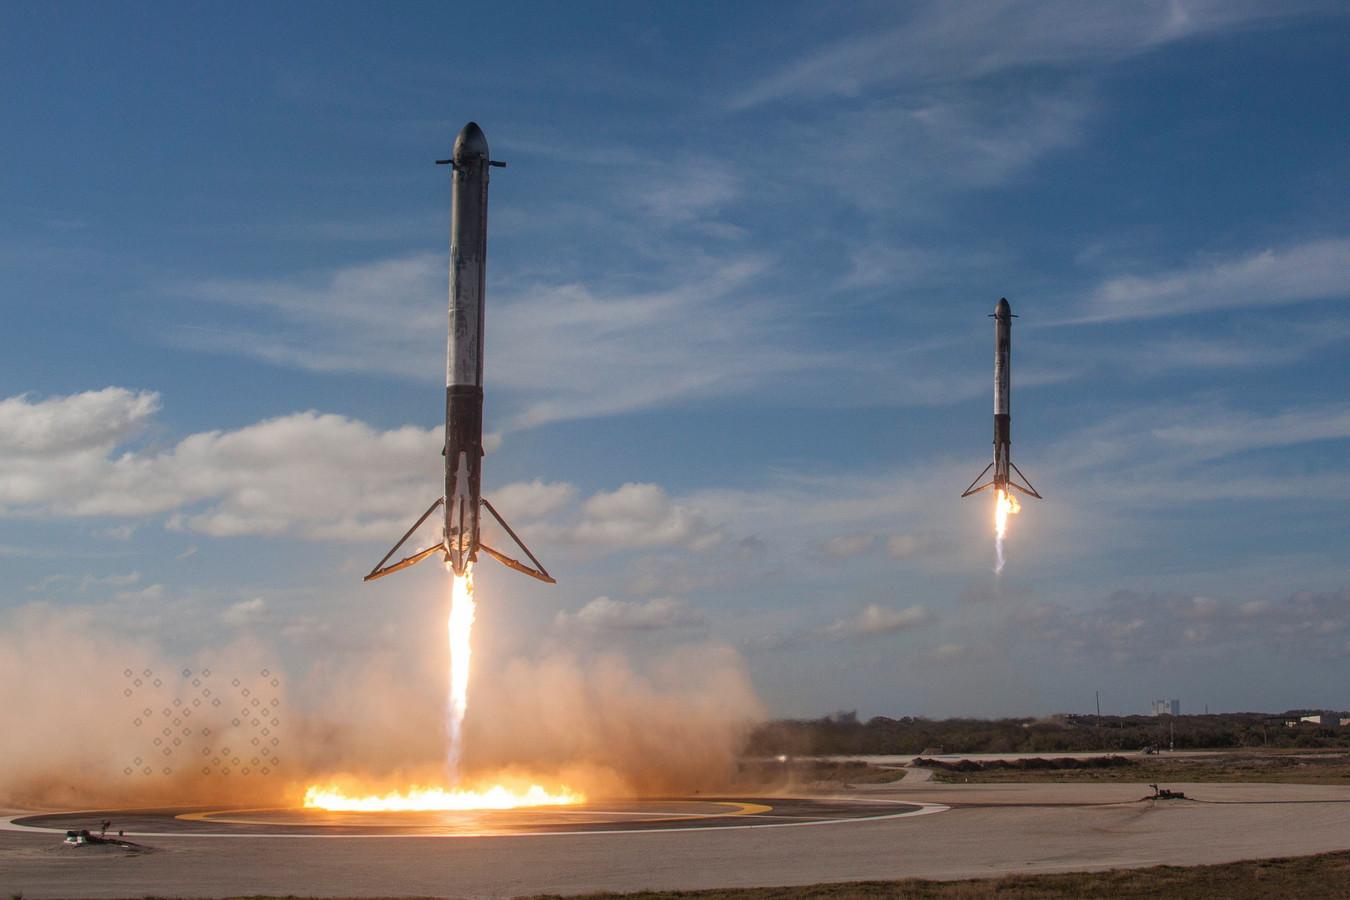 De boosters van de Falcon Heavy landden weer mooi op de grond, klaar voor hergebruik.